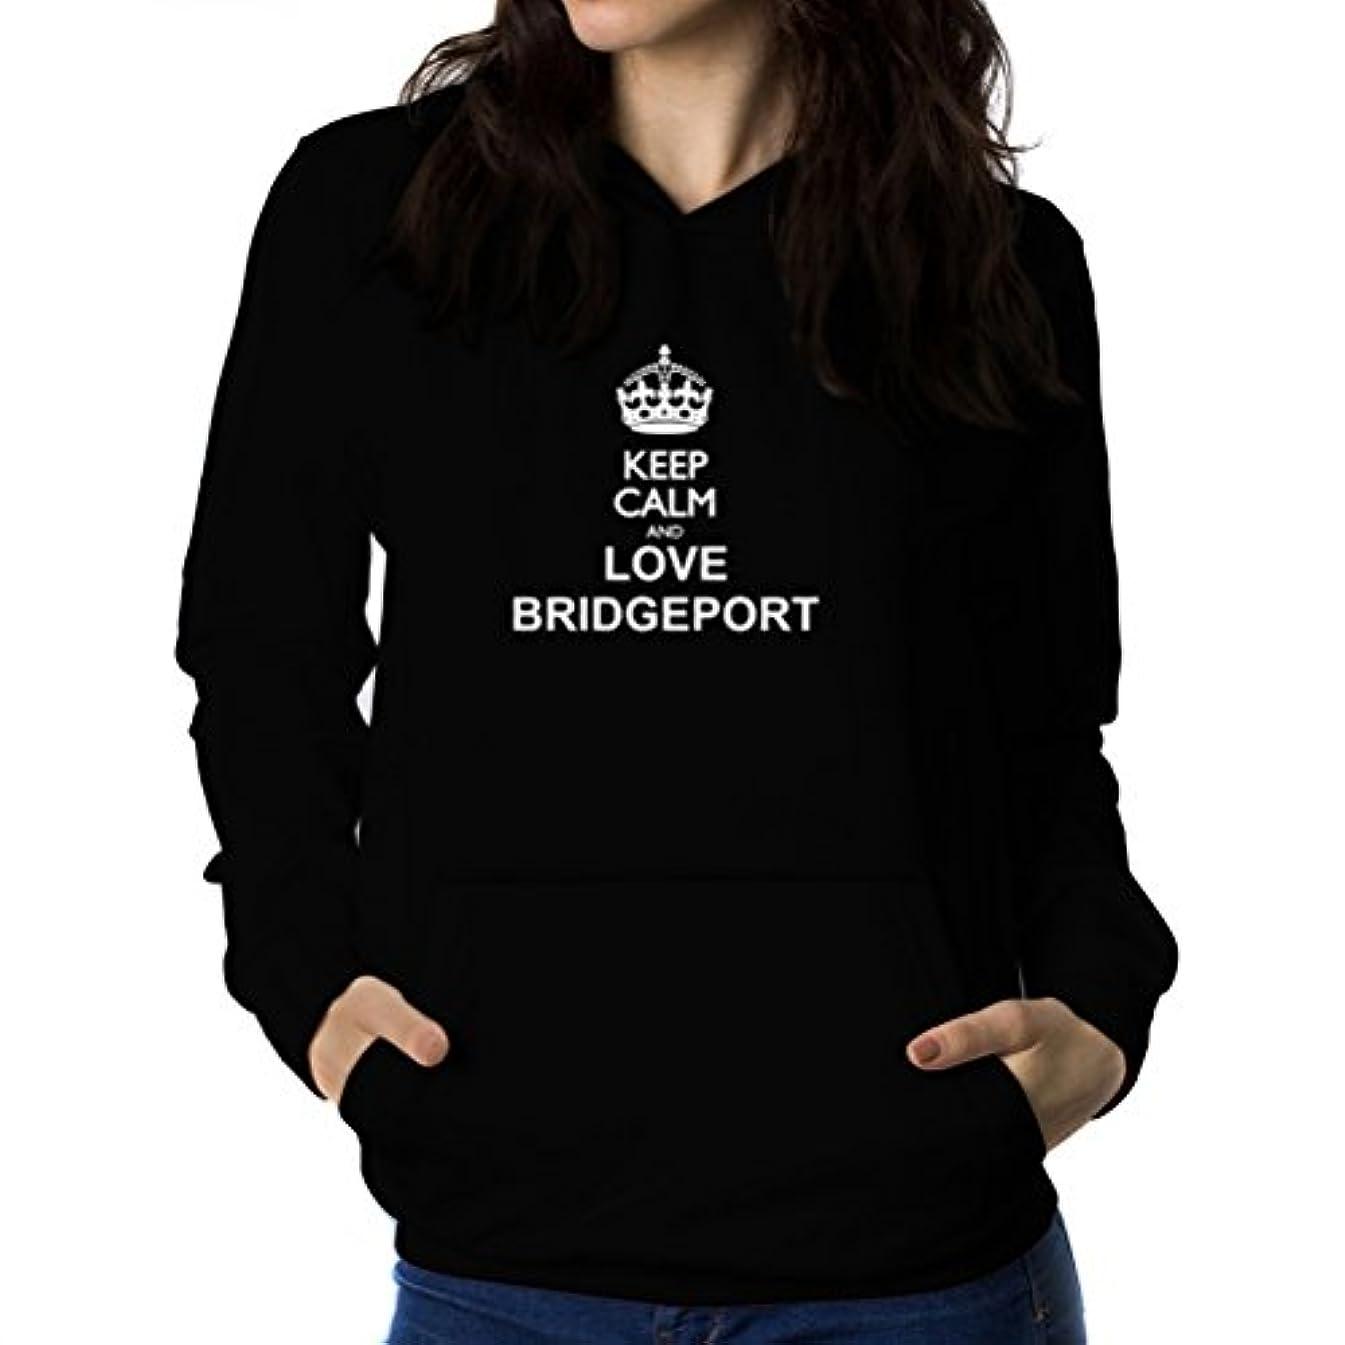 個人的な前提条件先見の明Keep calm and love Bridgeport 女性 フーディー